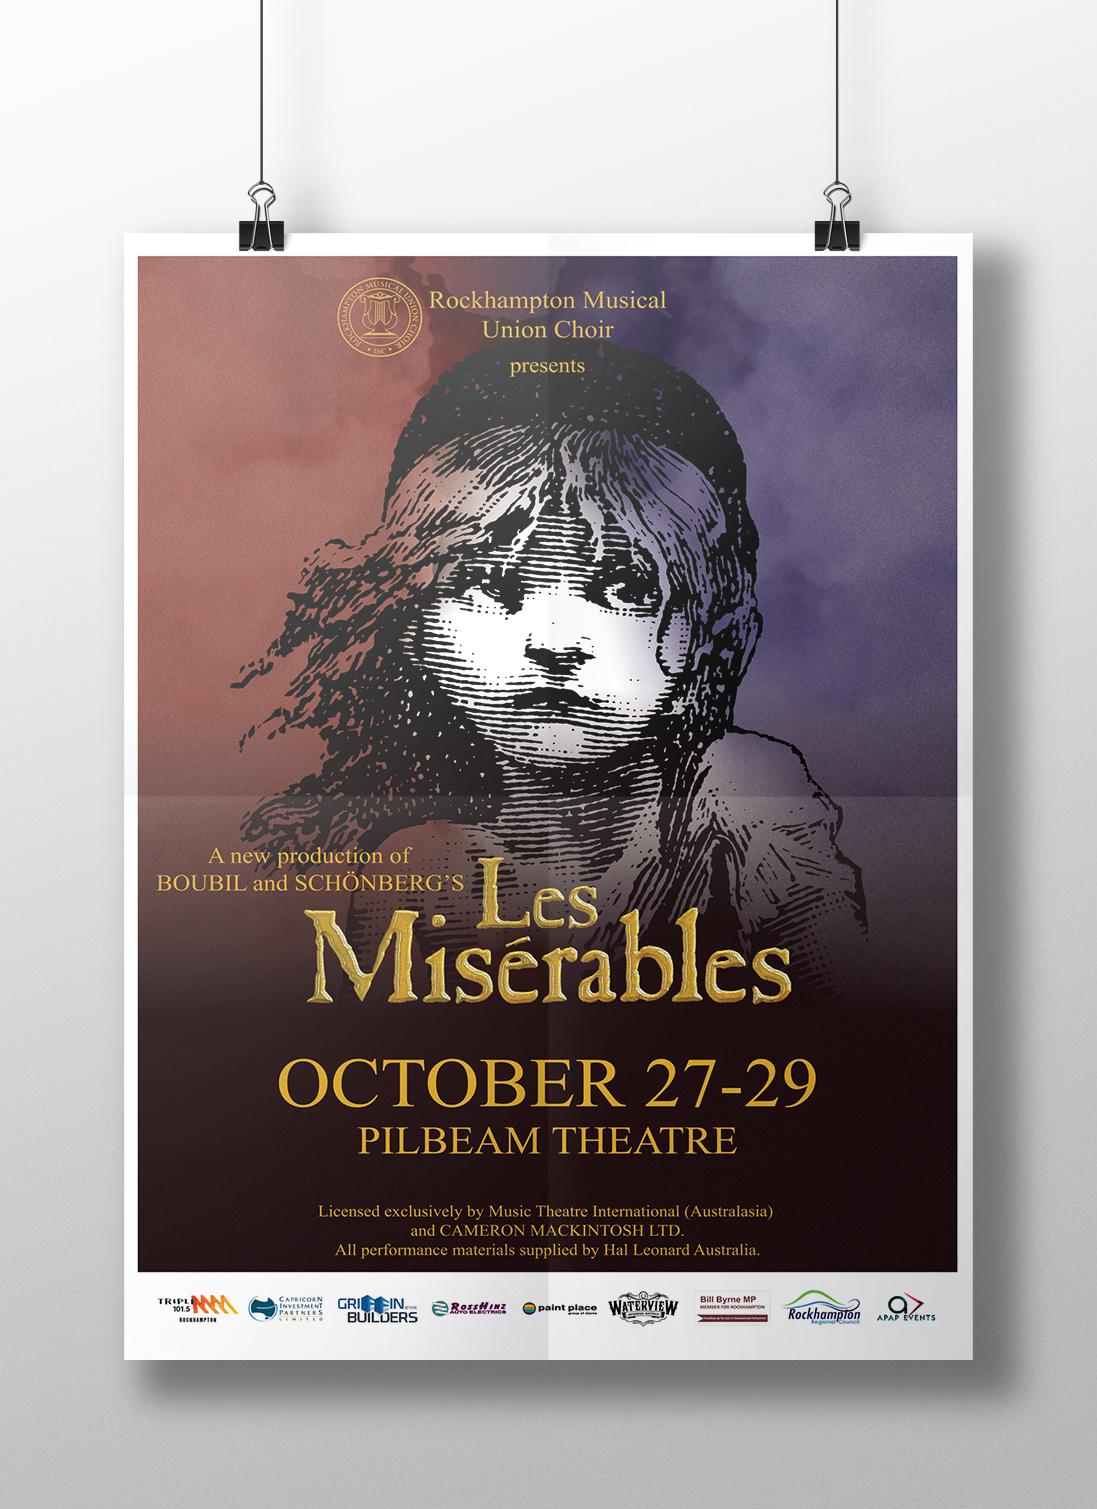 APAP Events Event Management and Graphic Design Rockhampton Les Miserable Poster